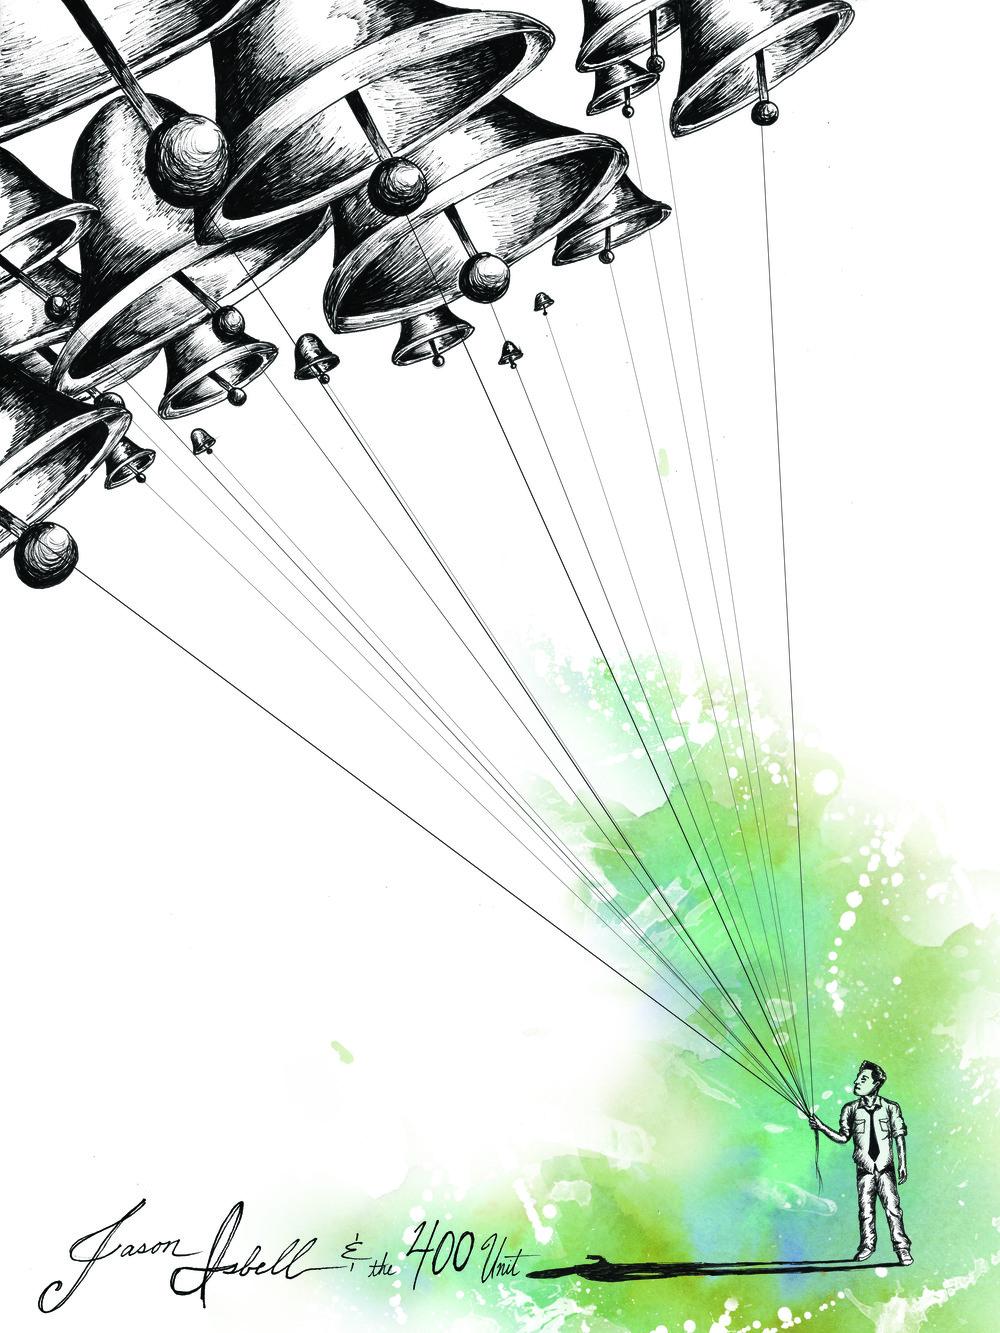 Jason Isbell Poster 1.jpg